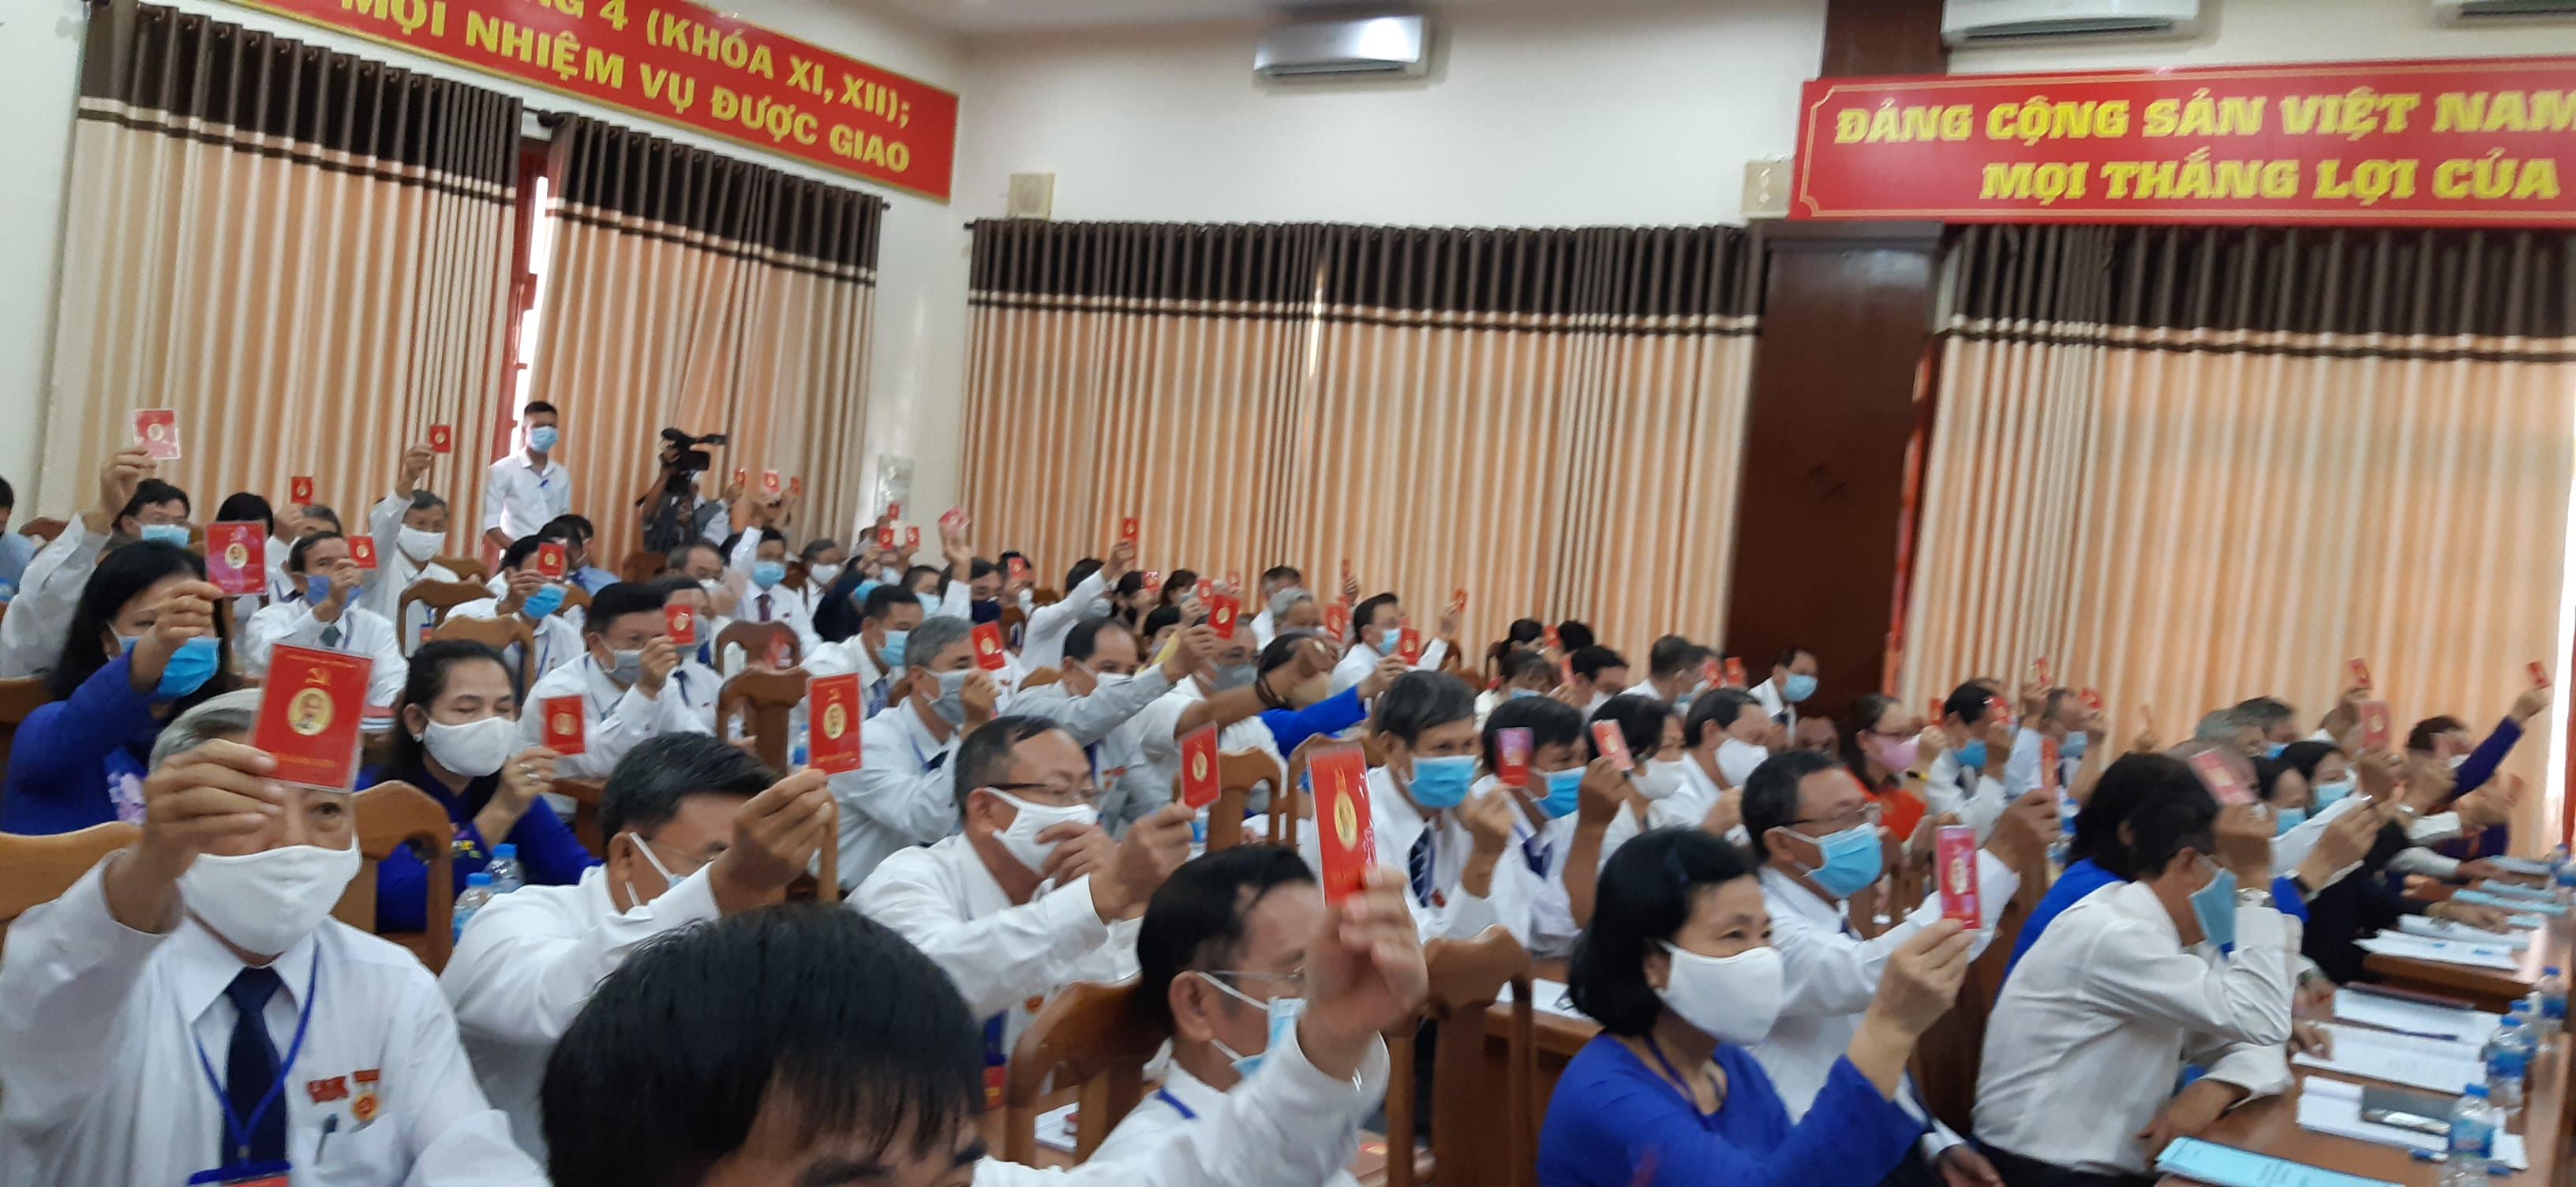 Các đại biểu tham gia biểu quyết tại đại hội.